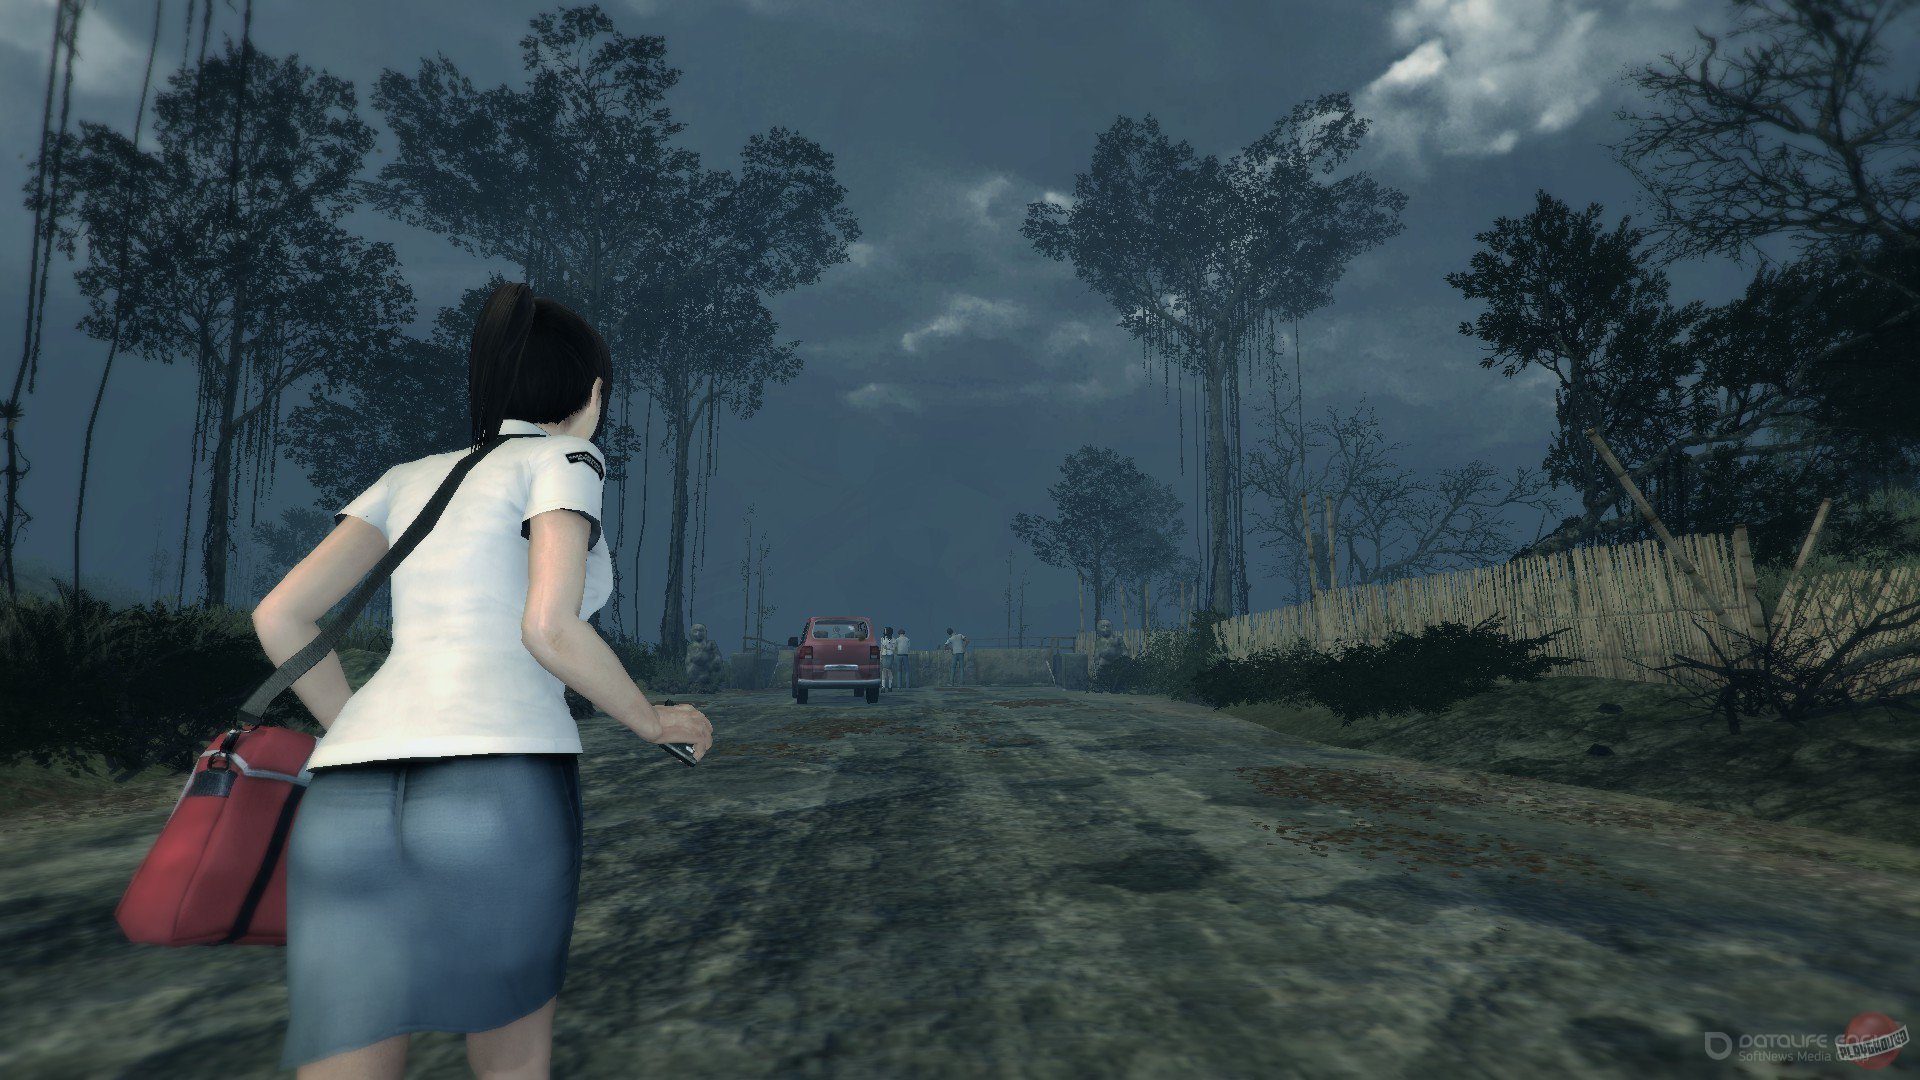 Скриншот к игре DreadOut v.2.2.18 [GOG] (2014) скачать торрент Лицензия